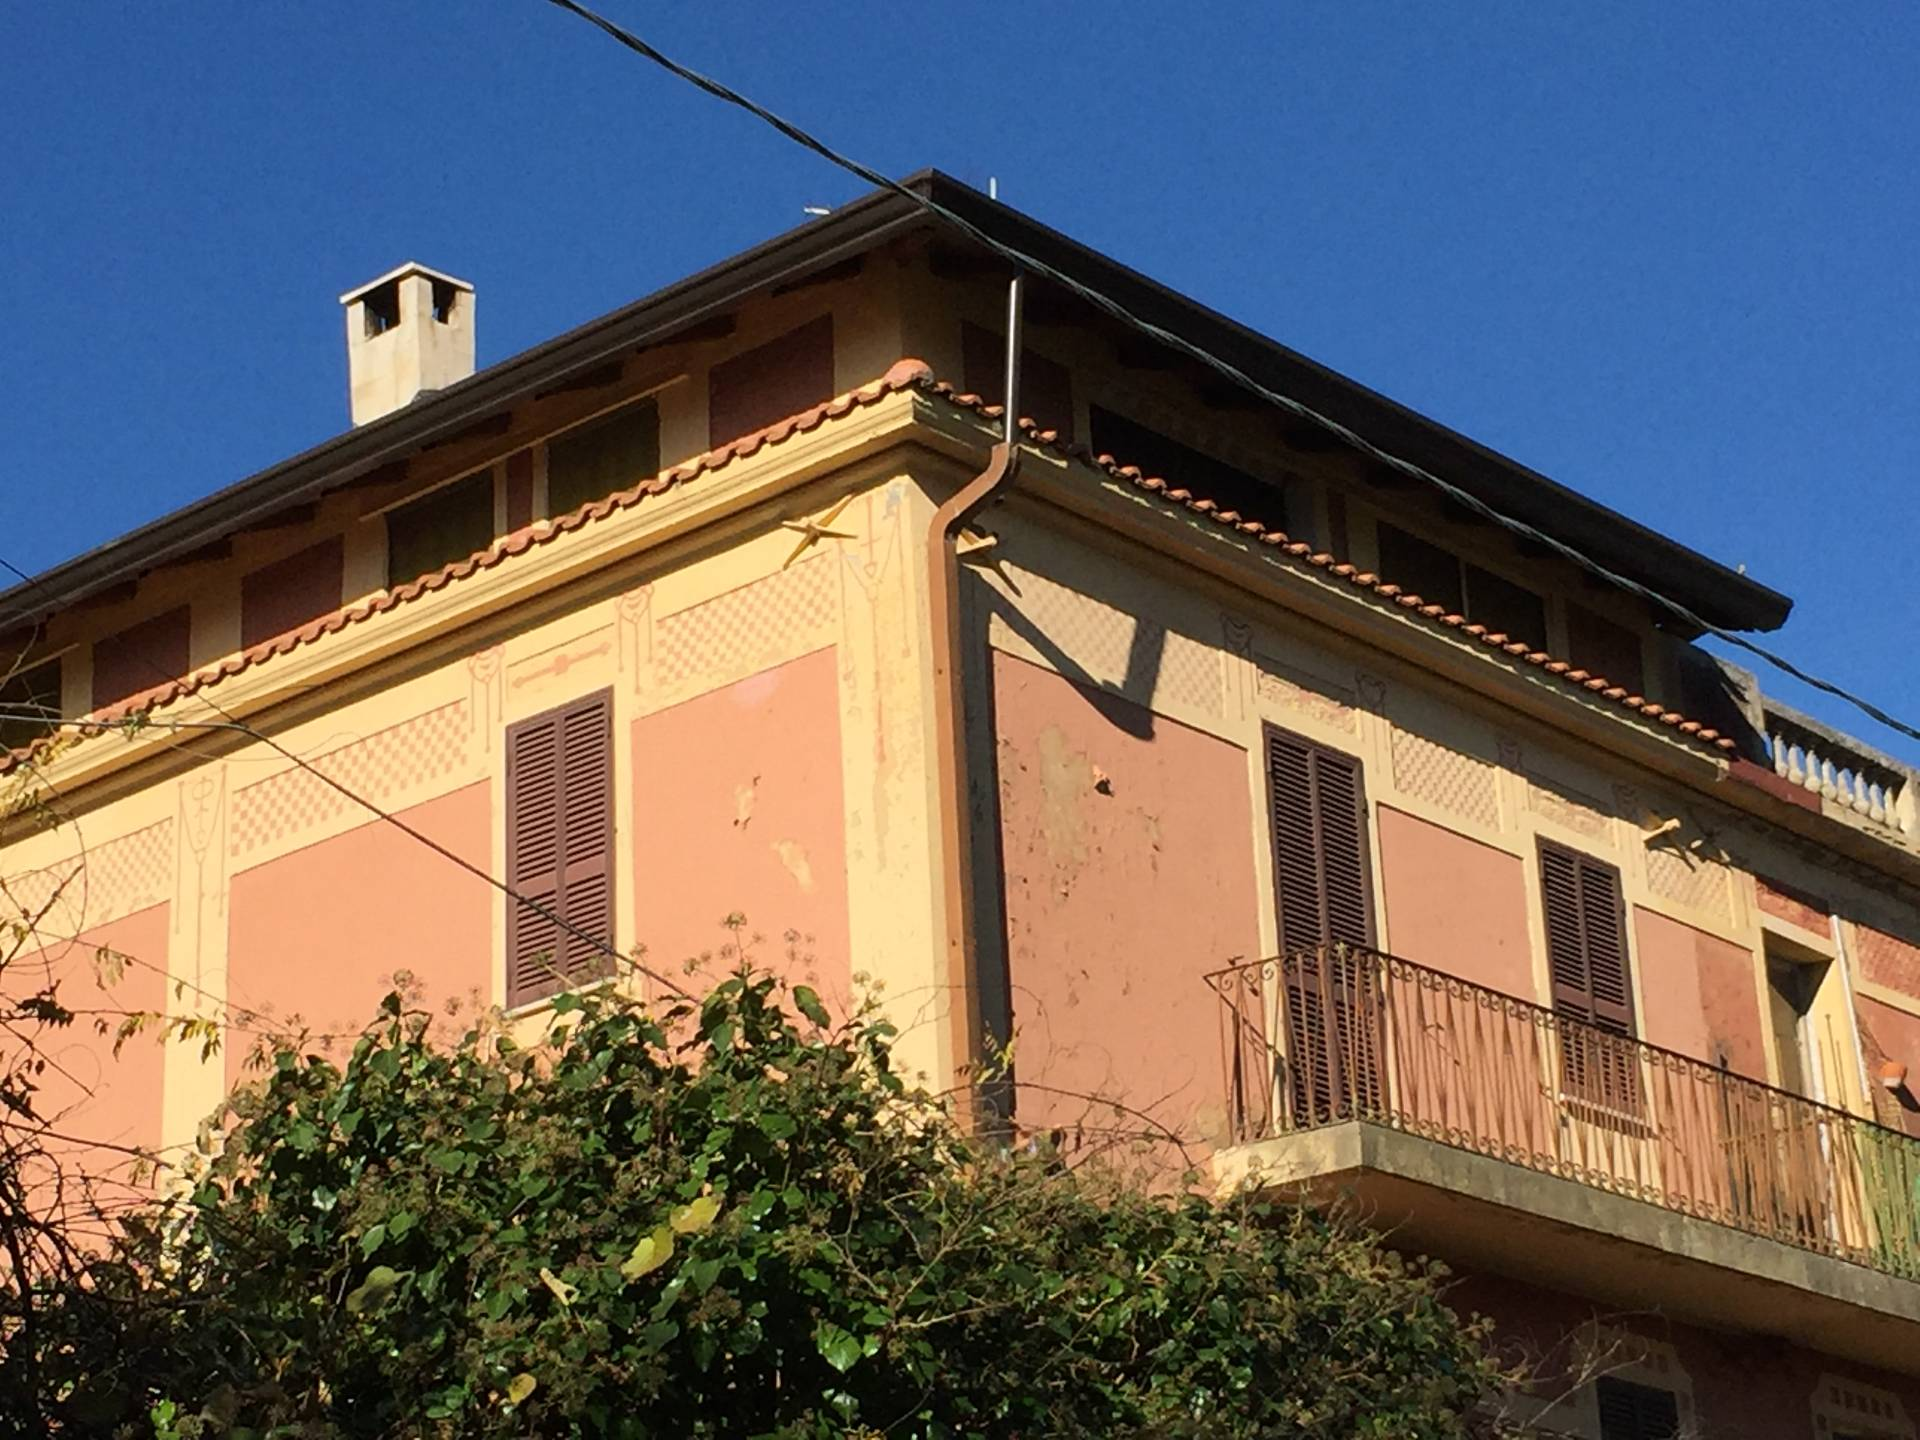 Casa indipendente in vendita a settefrati cod ac99 2686 for Piani casa 3 camere da letto e garage doppio